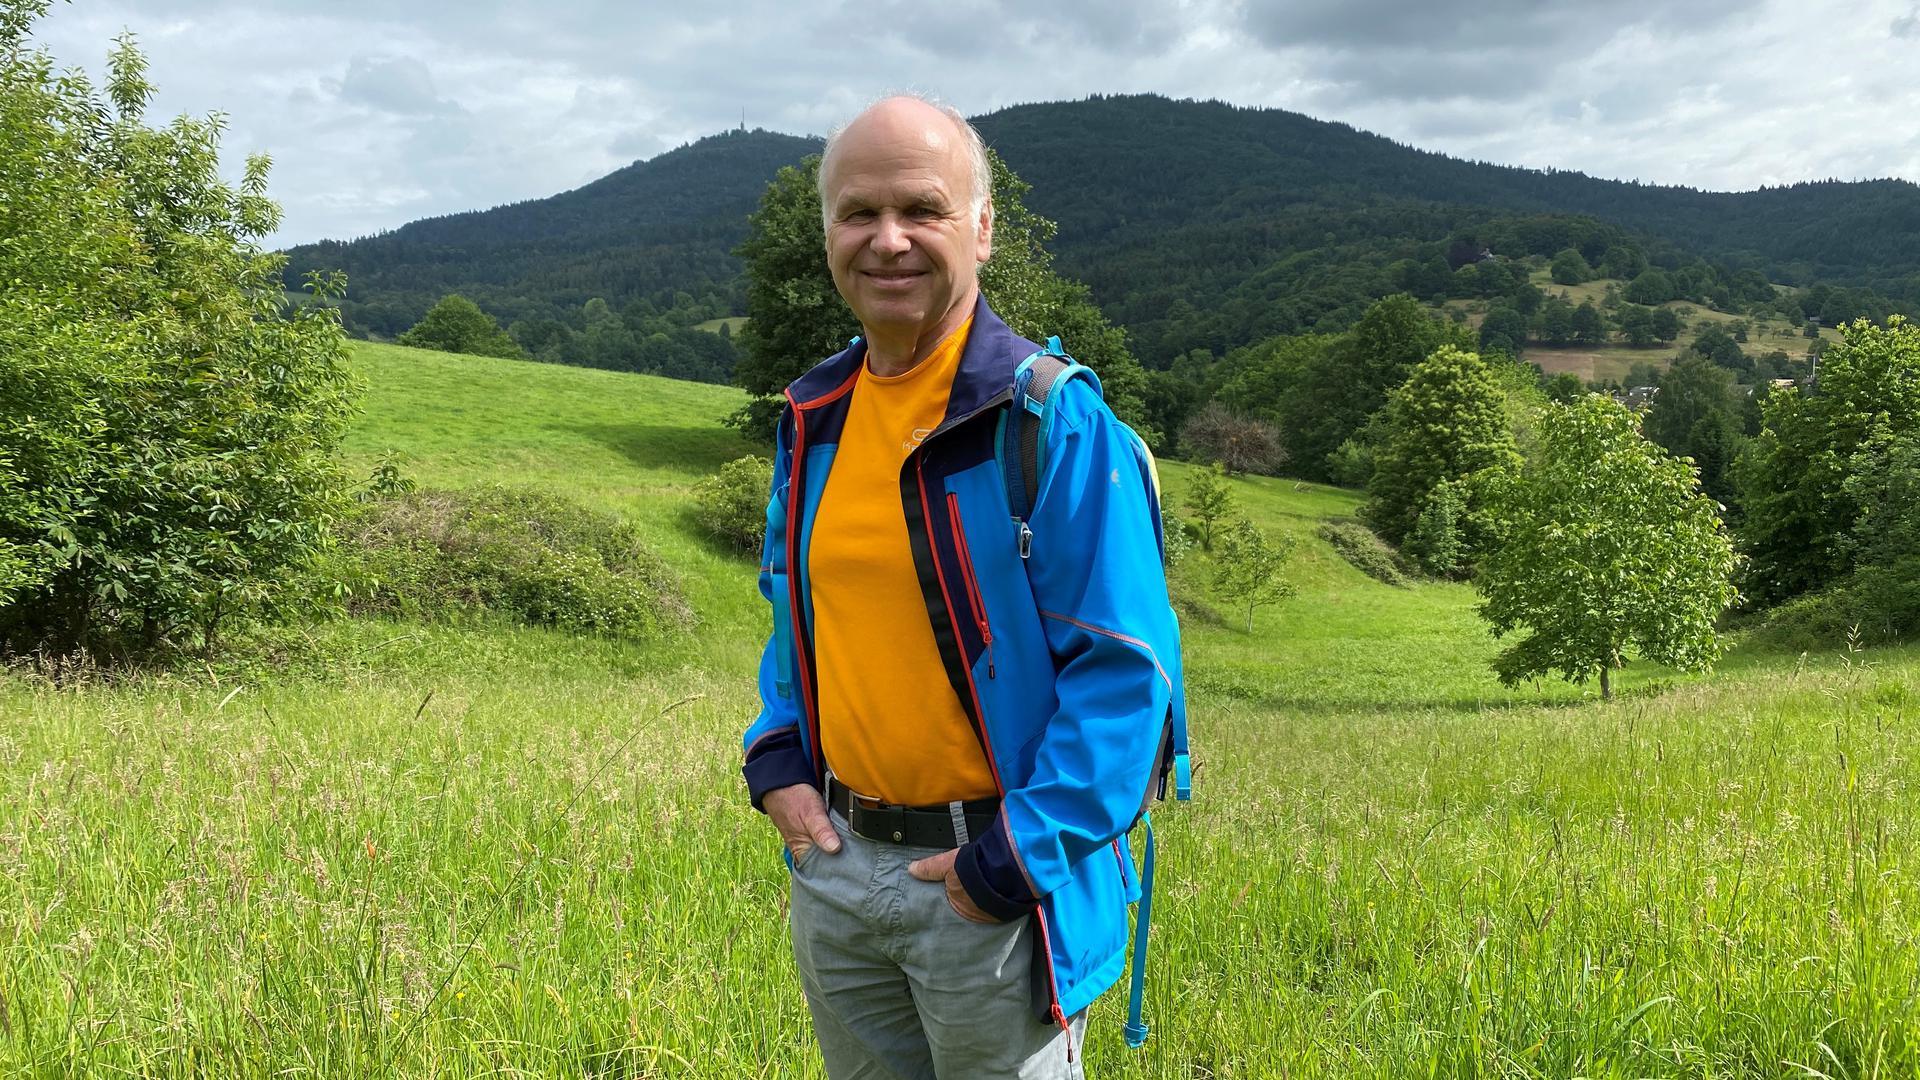 Abwechslungsreiche Wege: Herbert Kretz geht gerne auf der dritten Etappe.